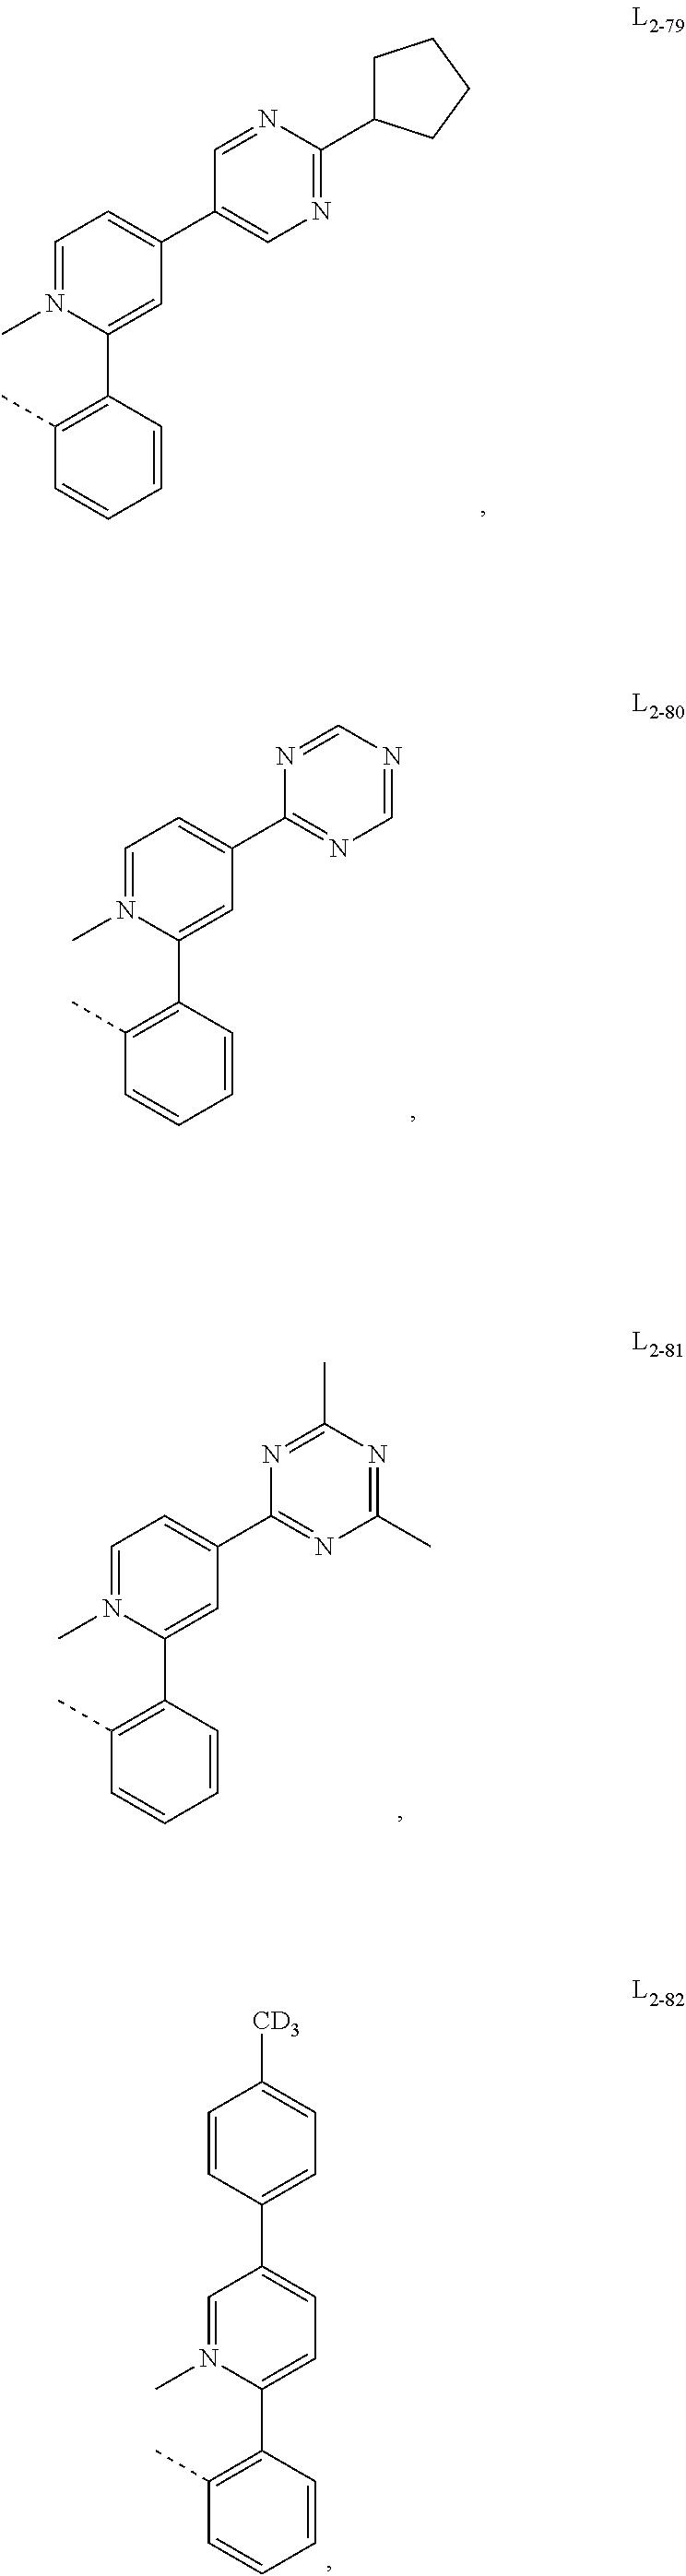 Figure US10074806-20180911-C00069